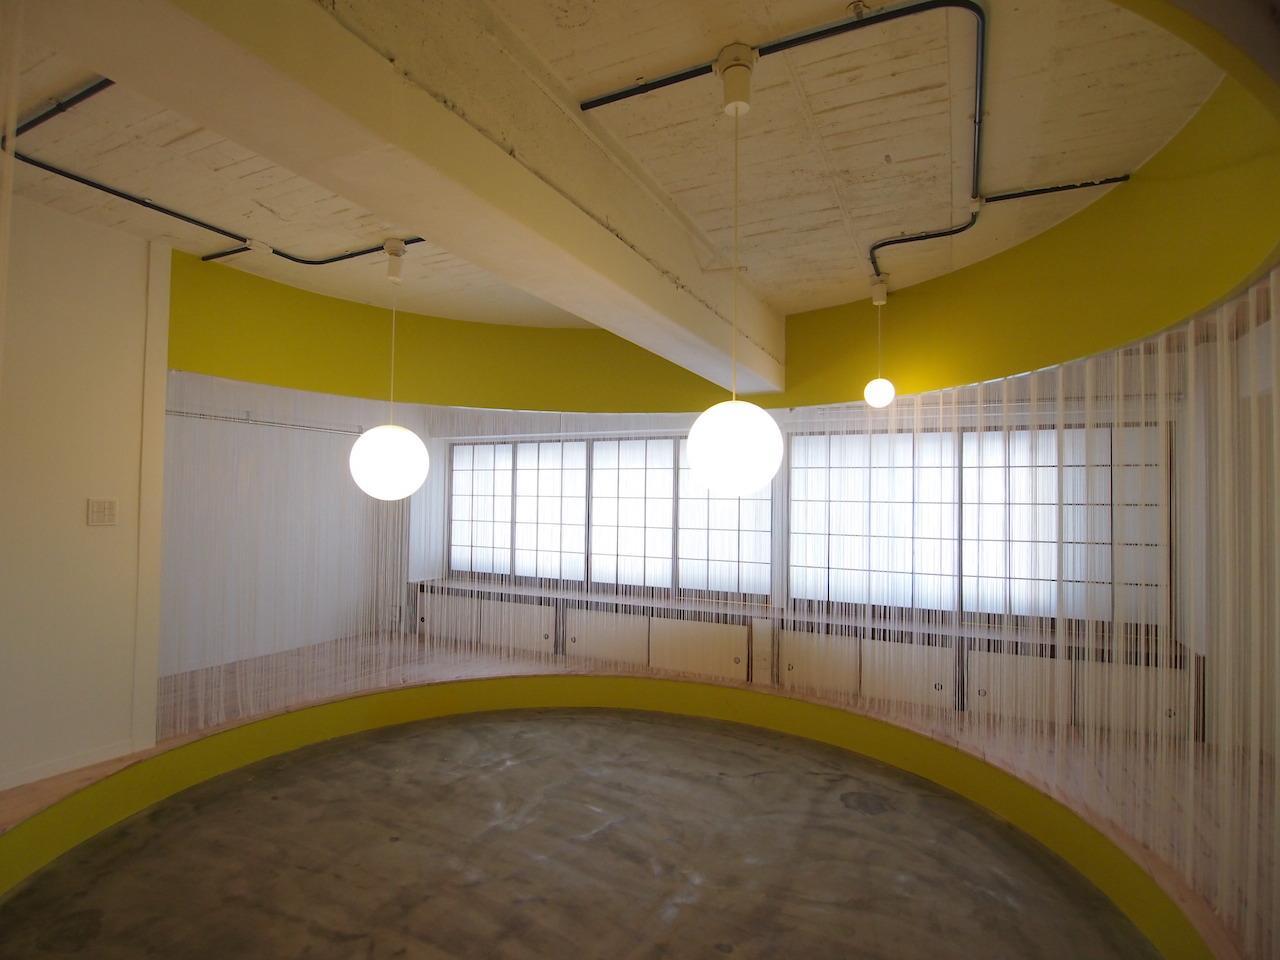 「時代様式並列空間」という、用途の枠組みでは納まらない 固定概念にとらわれない空間。